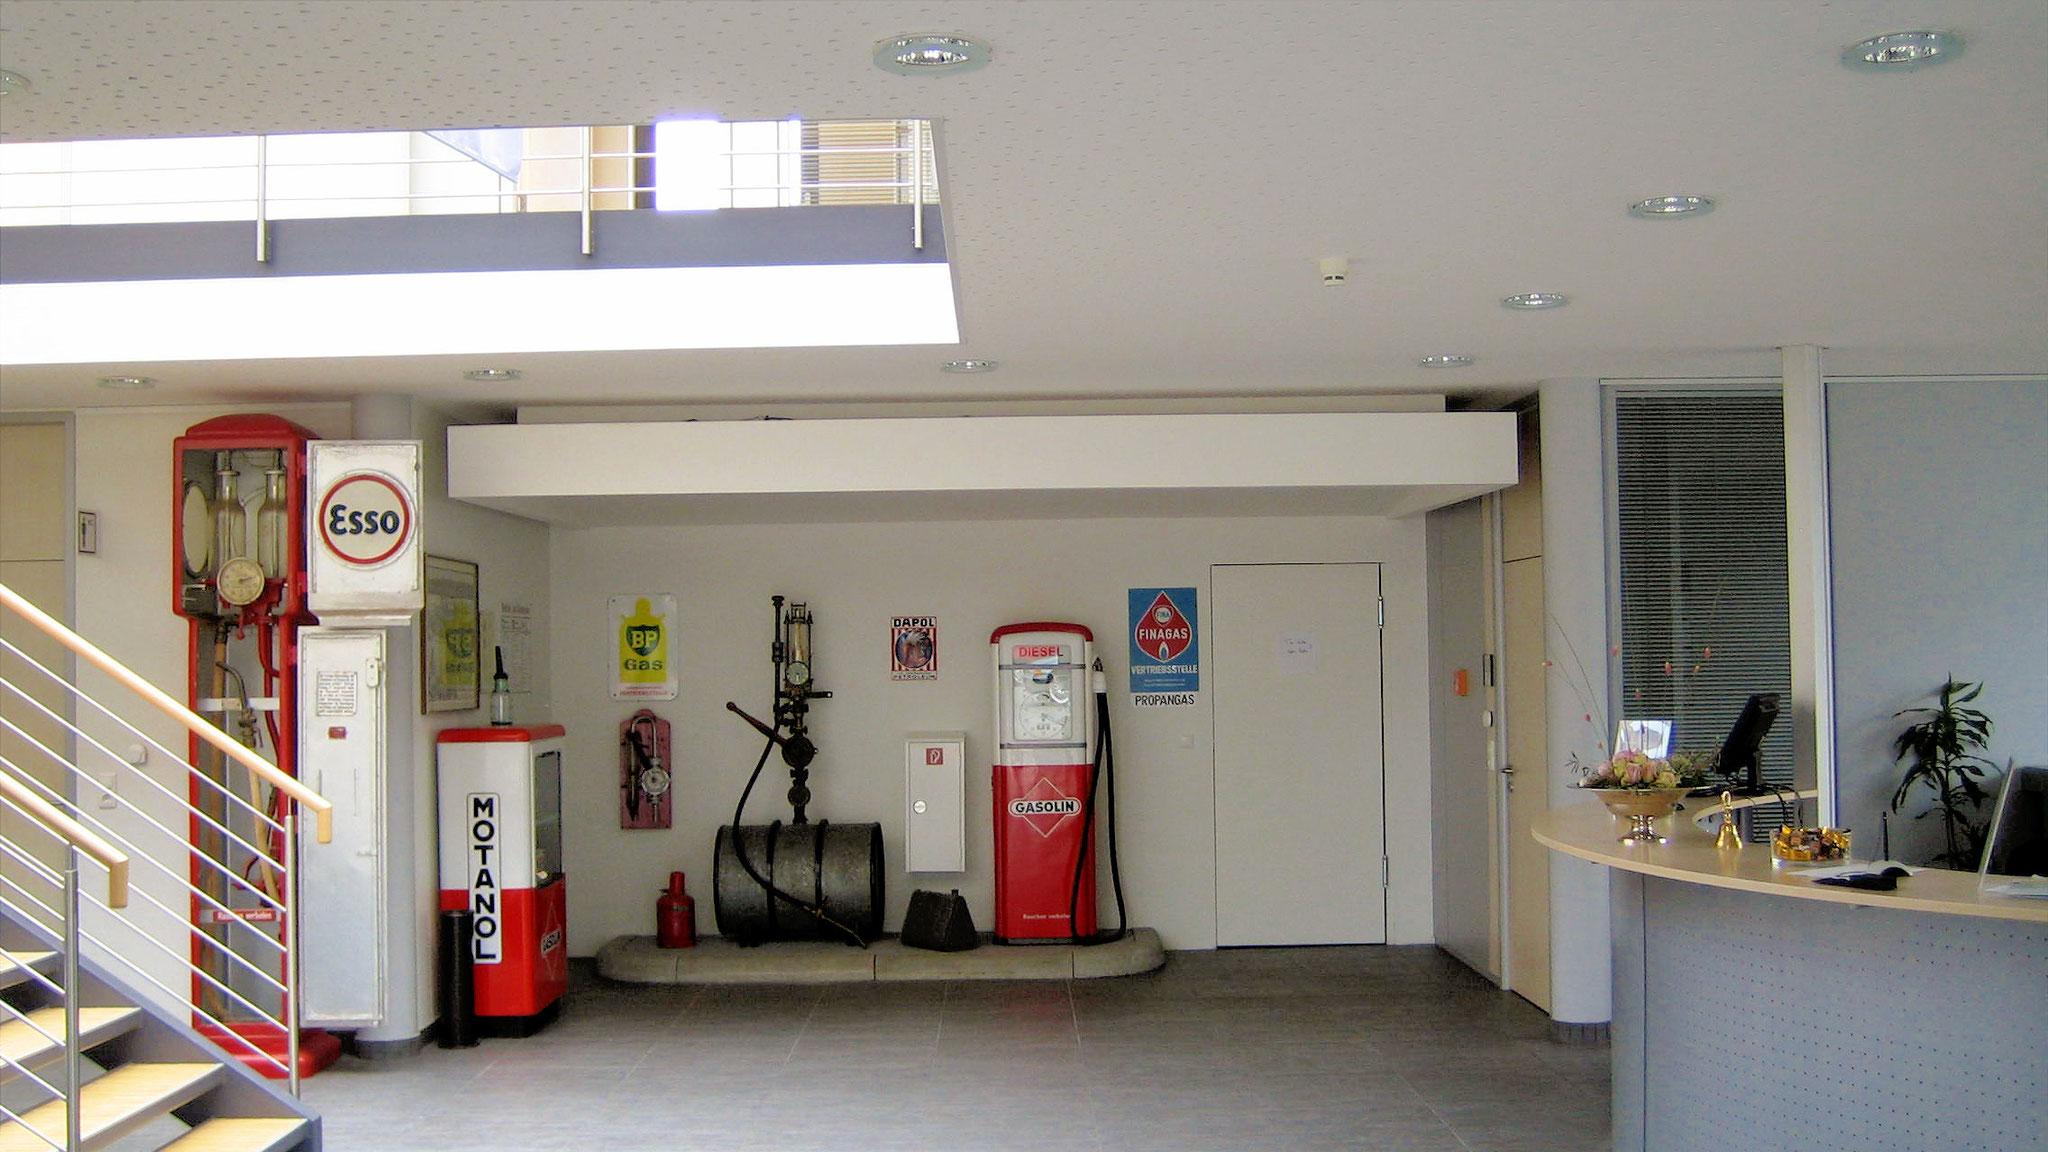 """Neubau Bürogebäude Fa. Grebe, Korbach: Trockenbau (Wände und Decken), Türelemente in Trockenbaudwänden, Putzarbeiten sowie eine kleine """"Tankstelle"""" im Gebäude"""